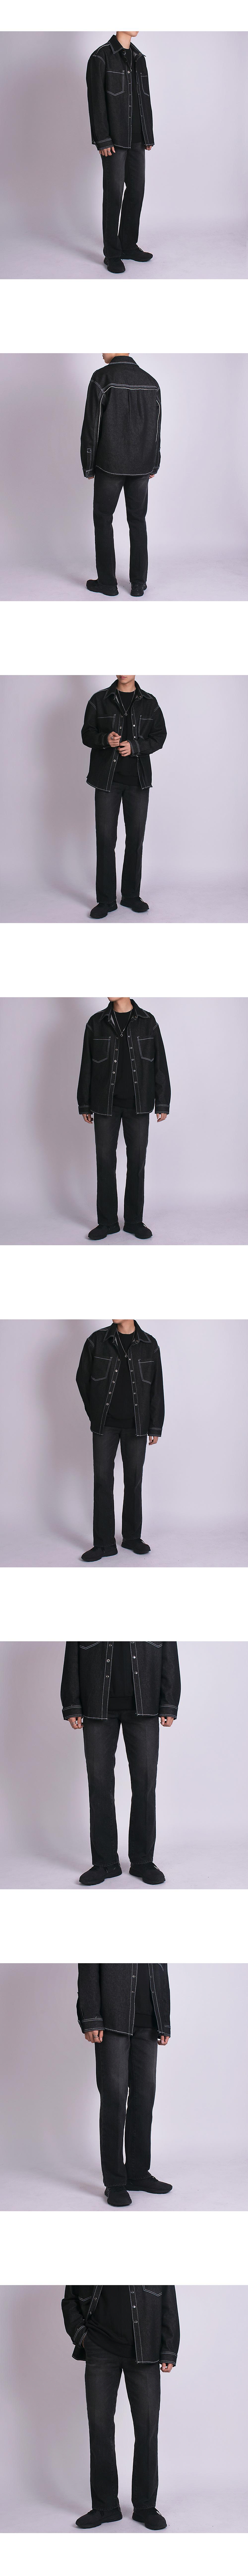 사이드 포켓 부츠컷 팬츠 - 어벤, 43,000원, 하의, 데님